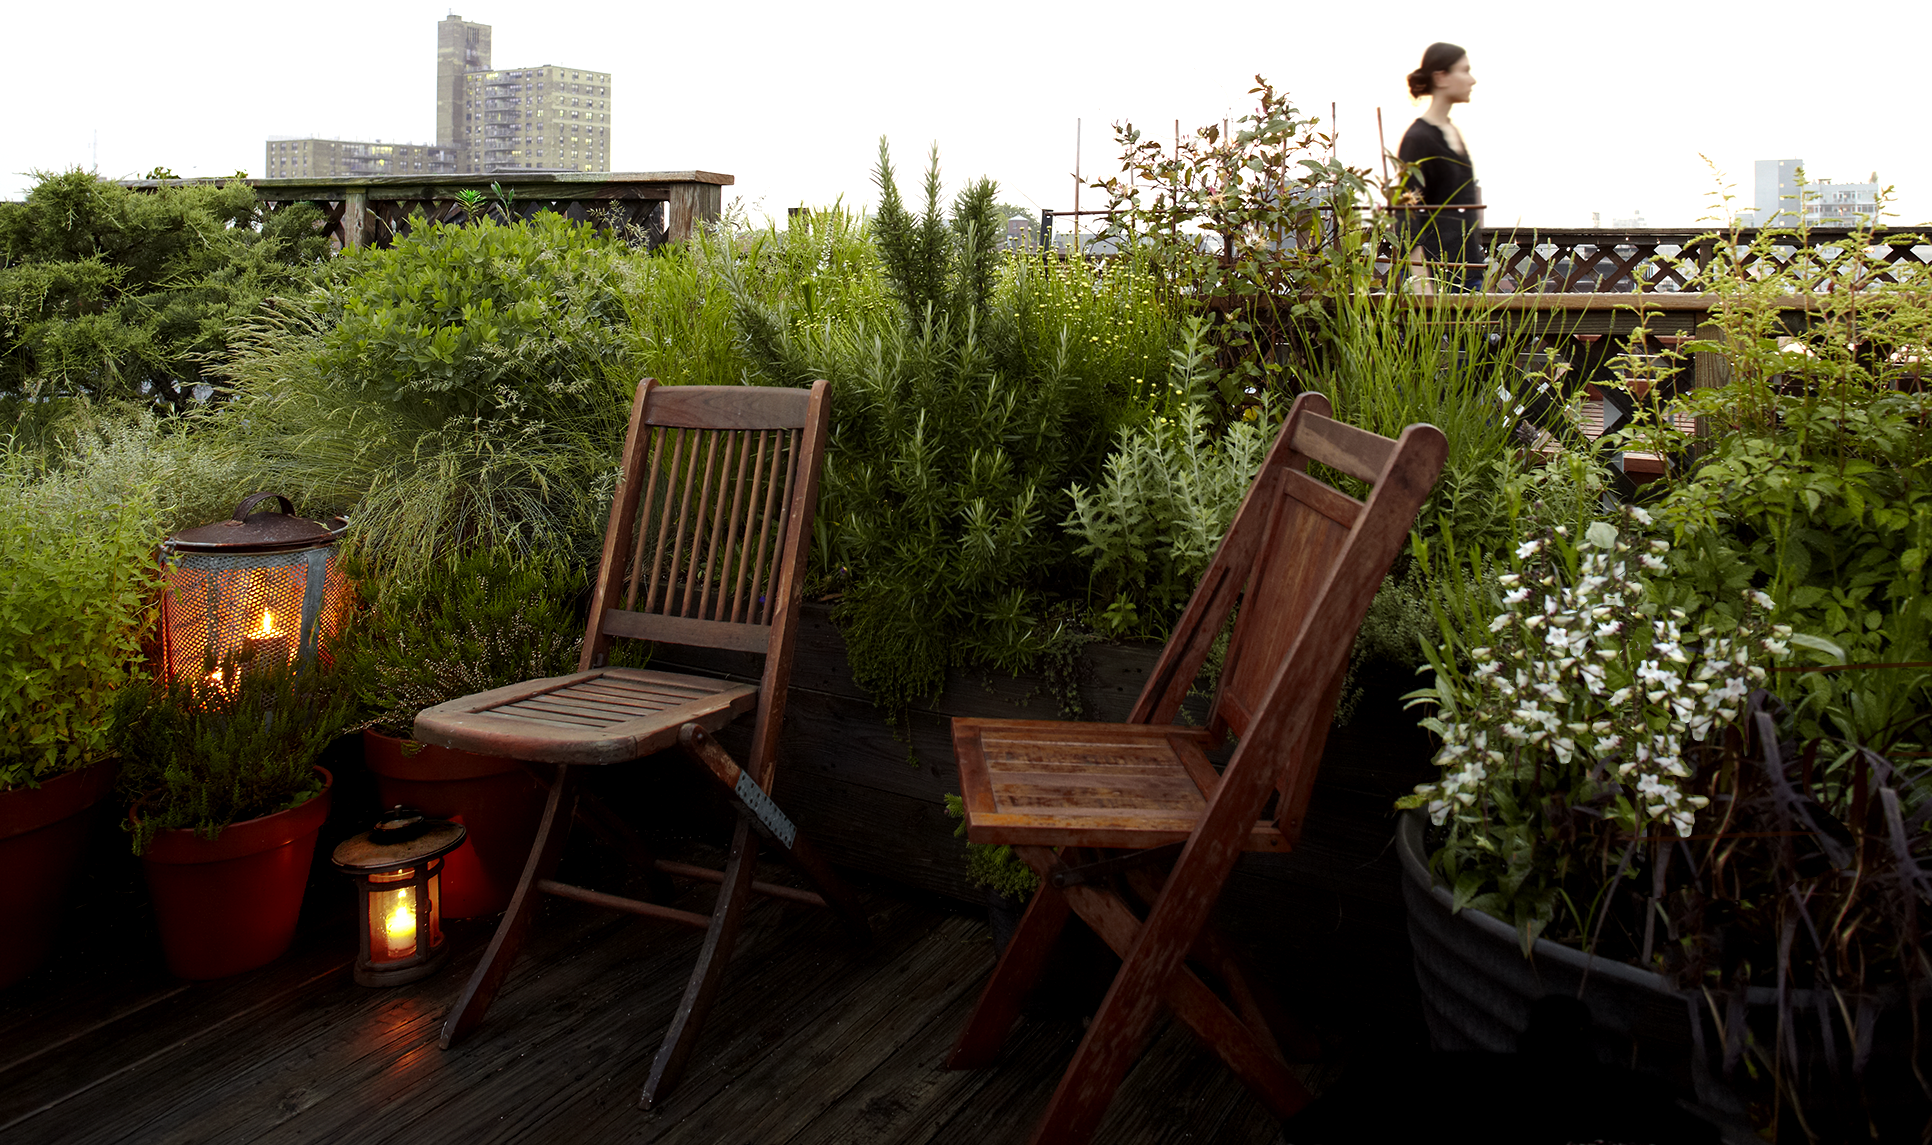 Brooklyn NYC rooftop garden